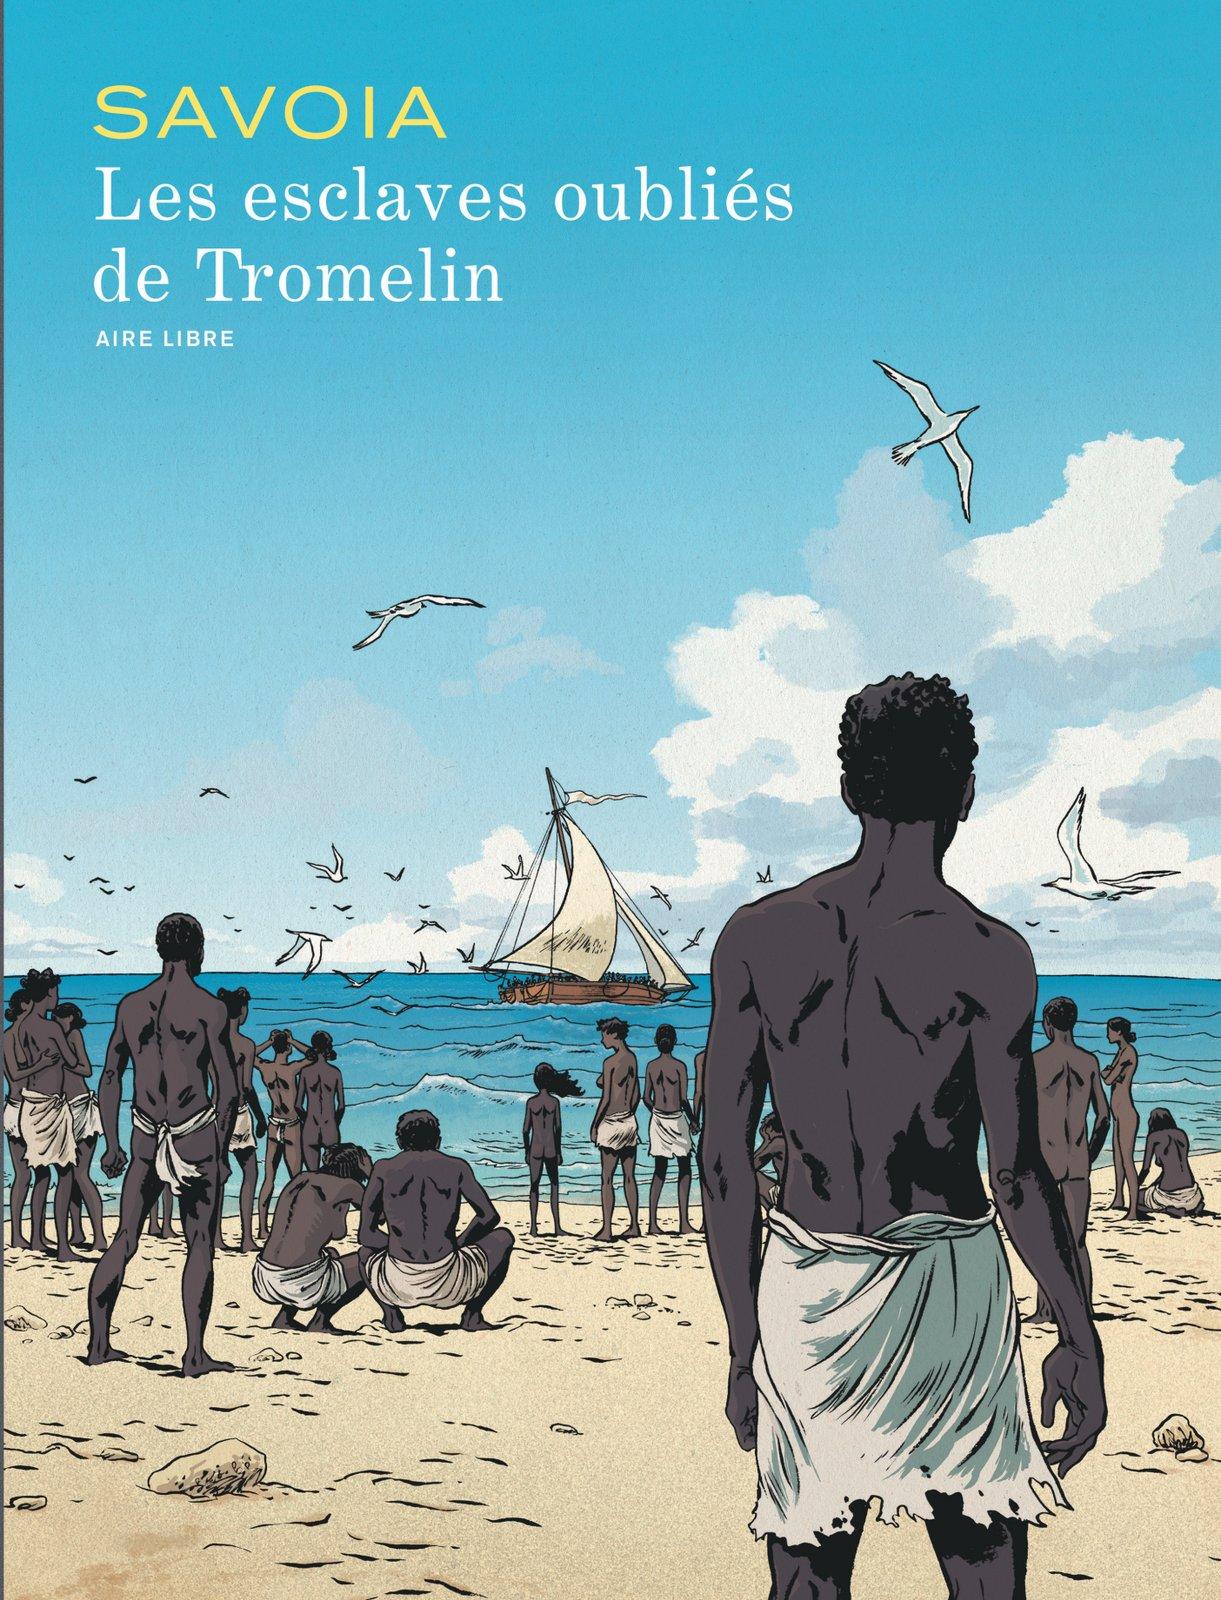 Les esclaves oubliés de Tromelin Savoia Guérout Dupuis couverture